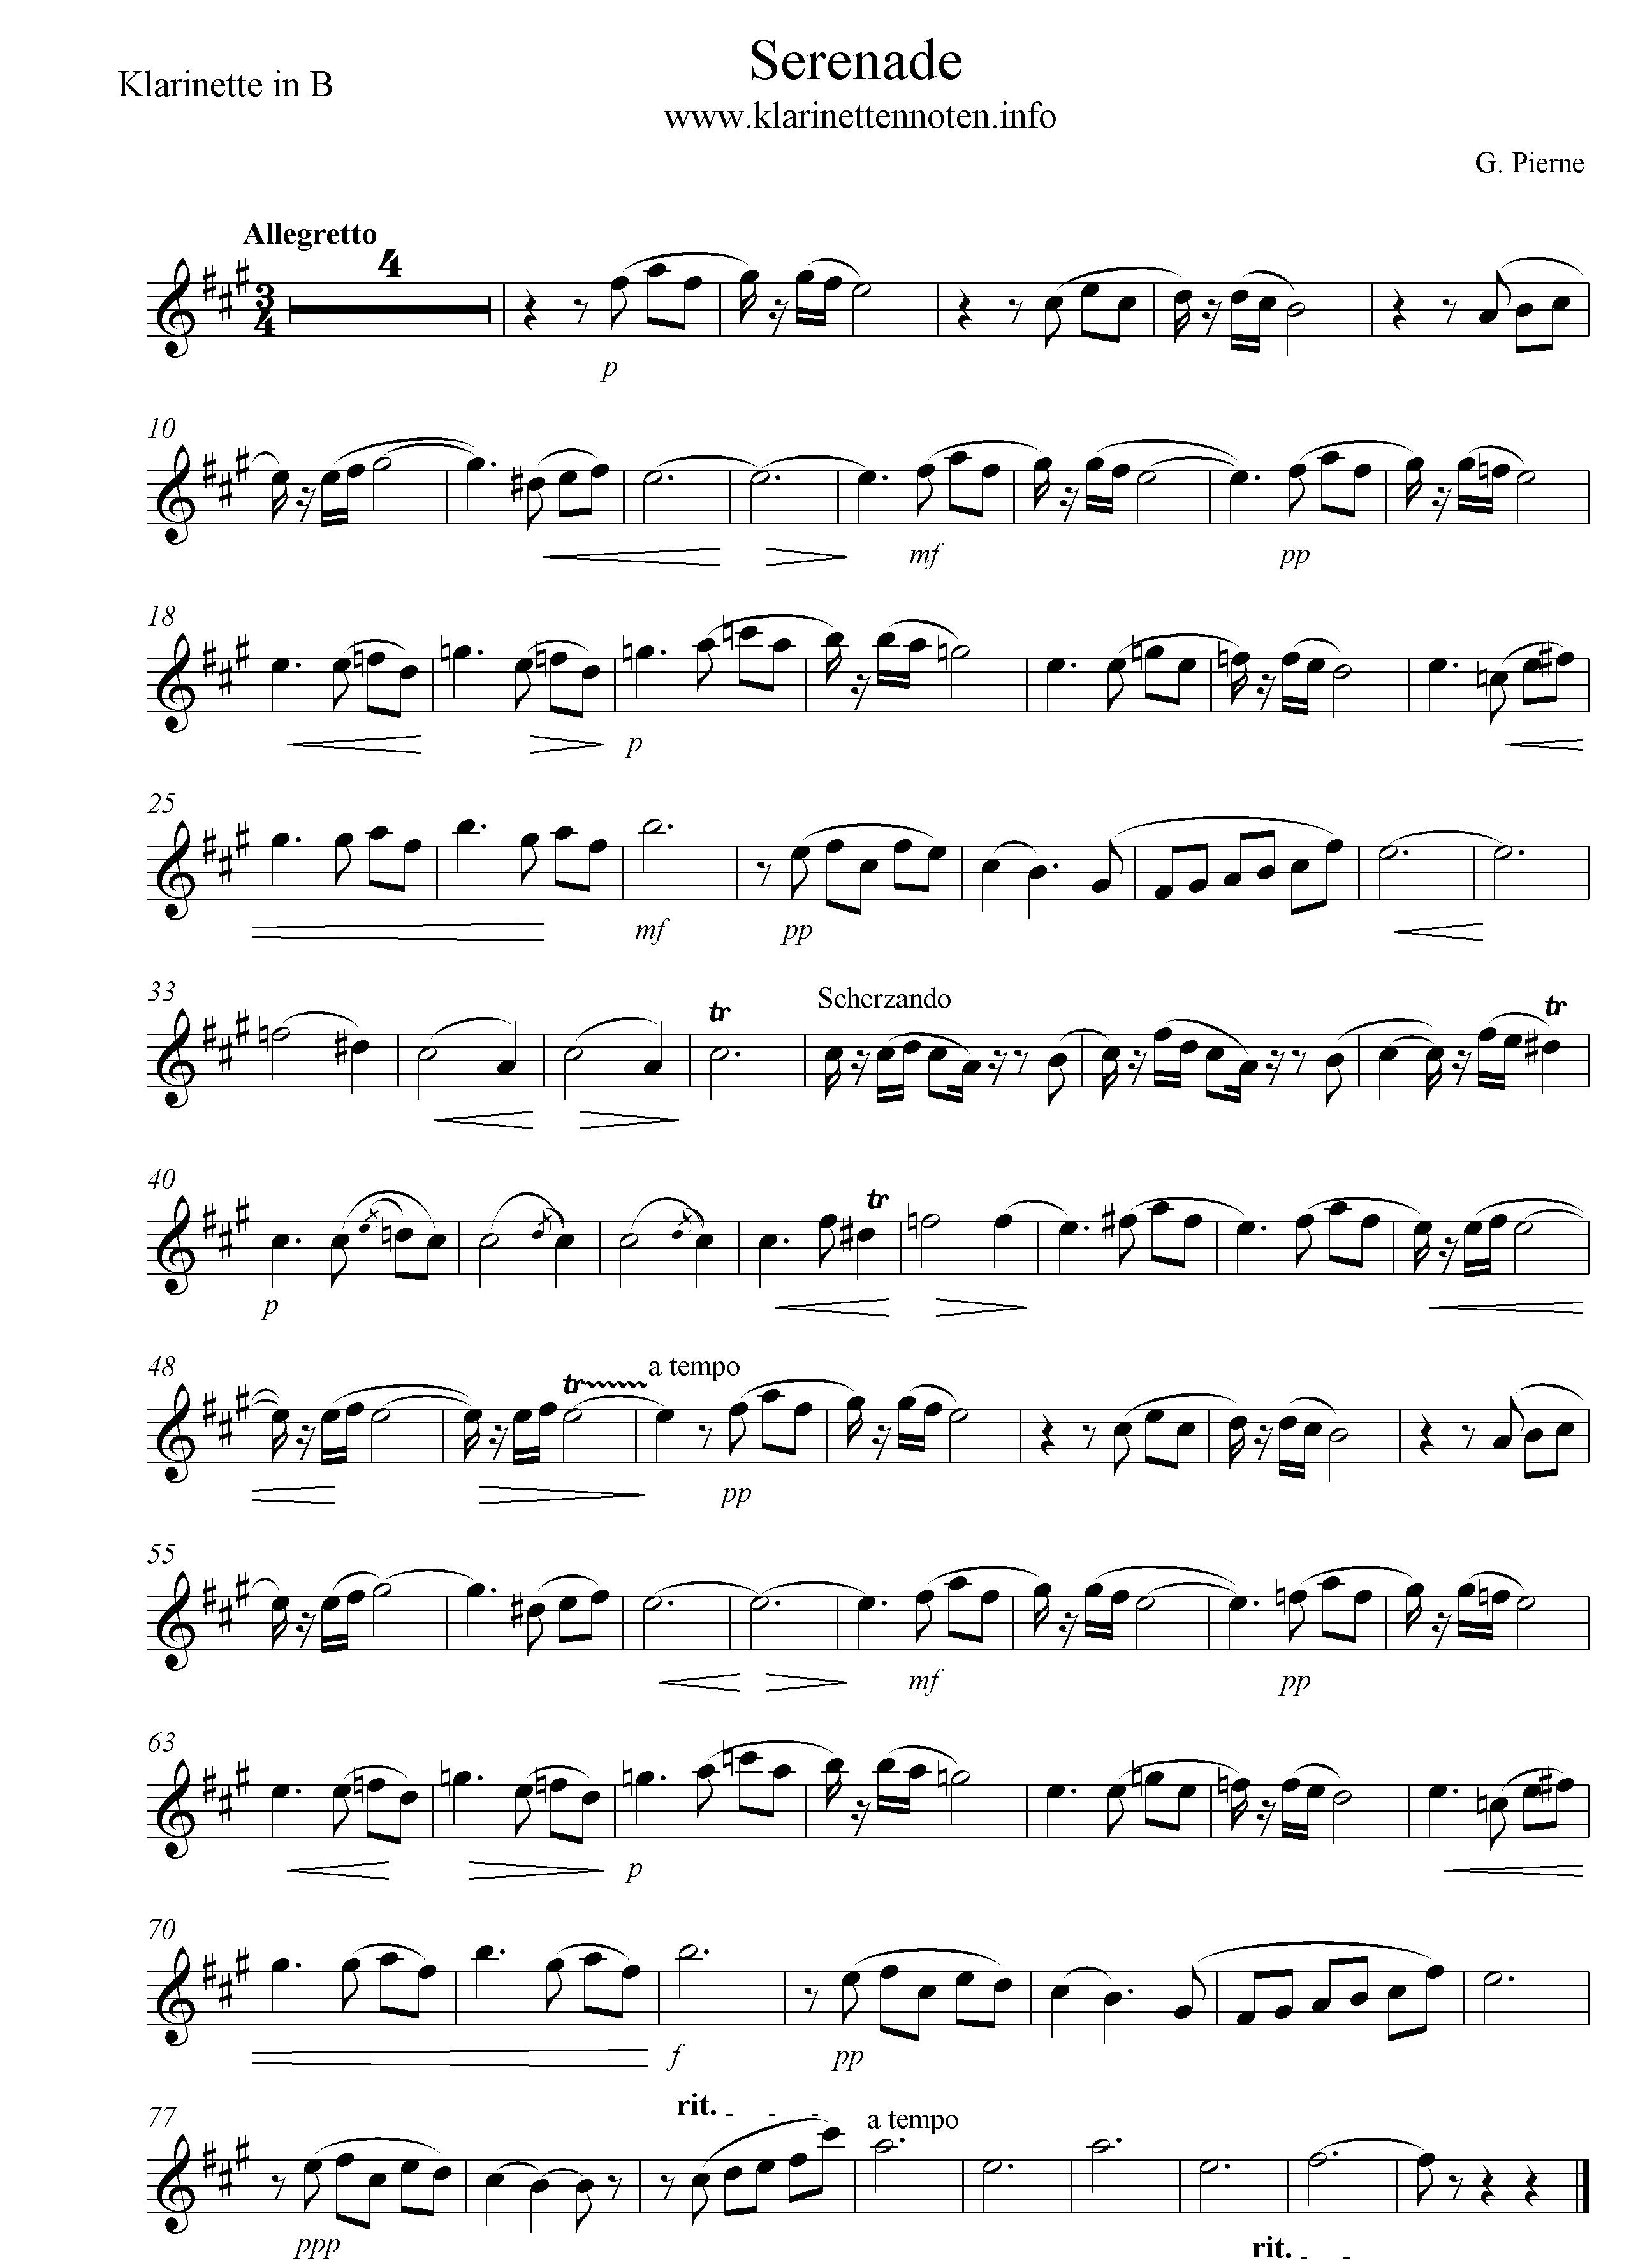 pierne Serenade solo Clarinet part